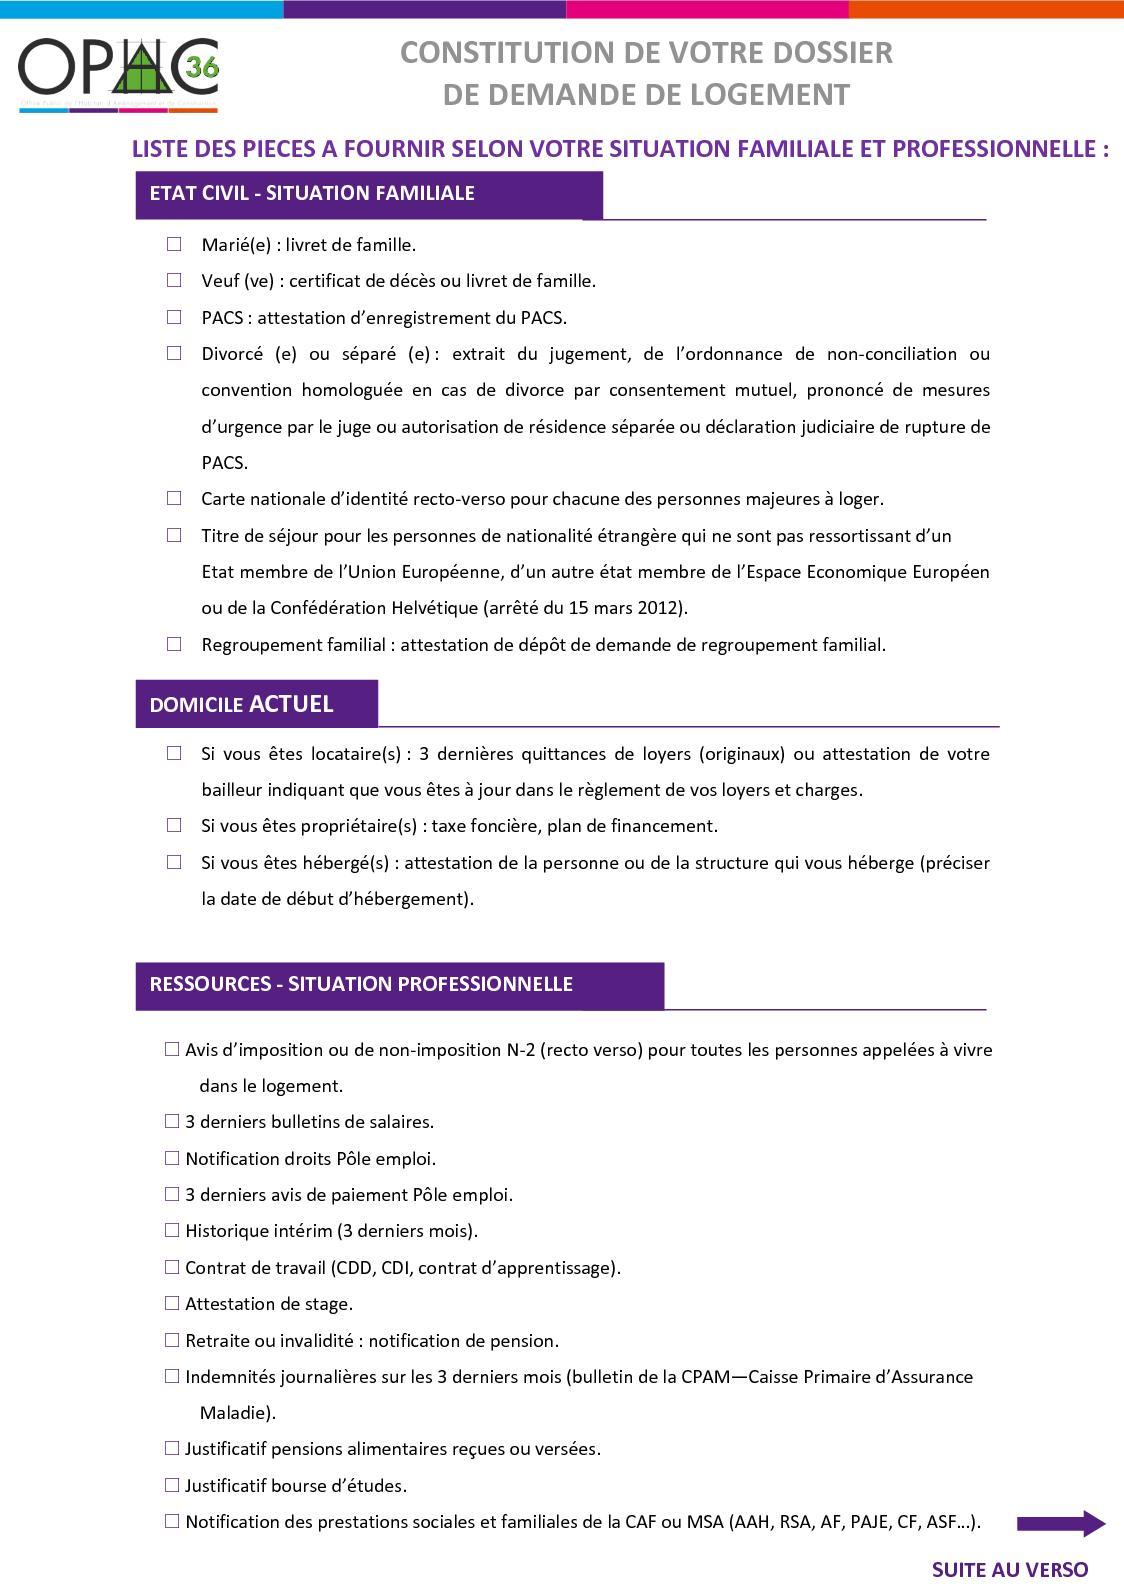 Calameo Liste Des Pieces Justificatives Pour Votre Demande De Logement